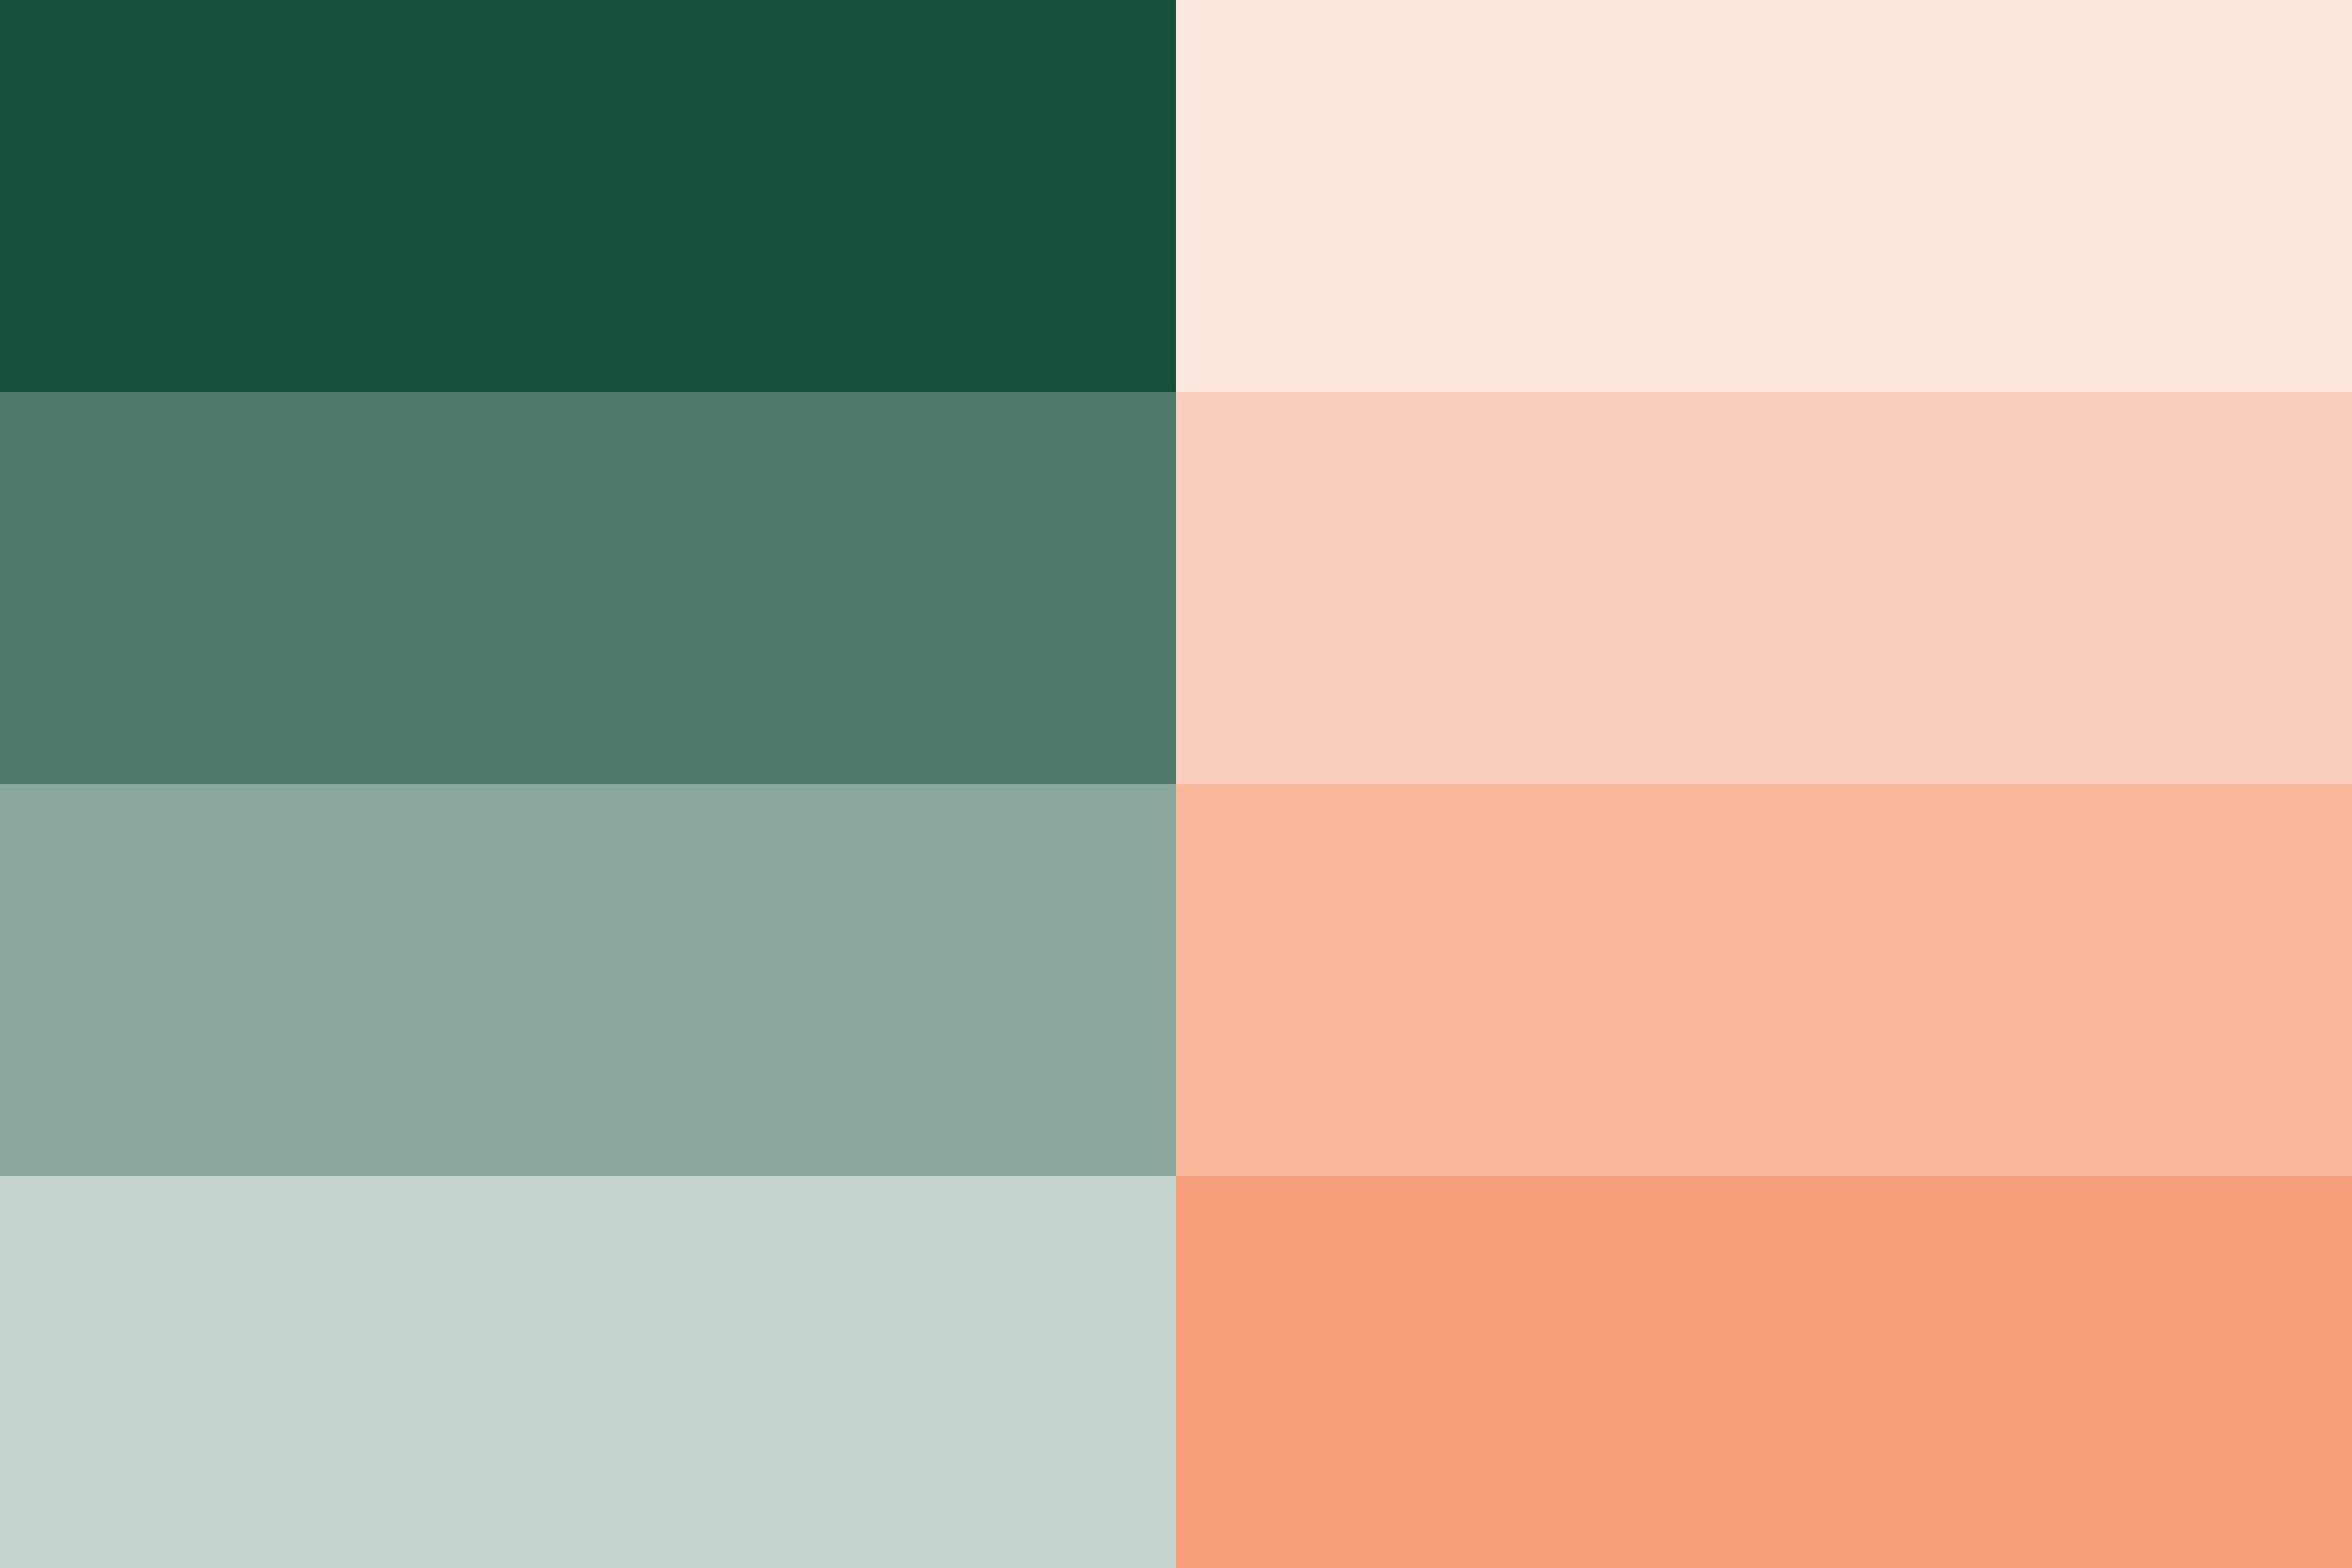 Peach_3000_2000_6.jpg